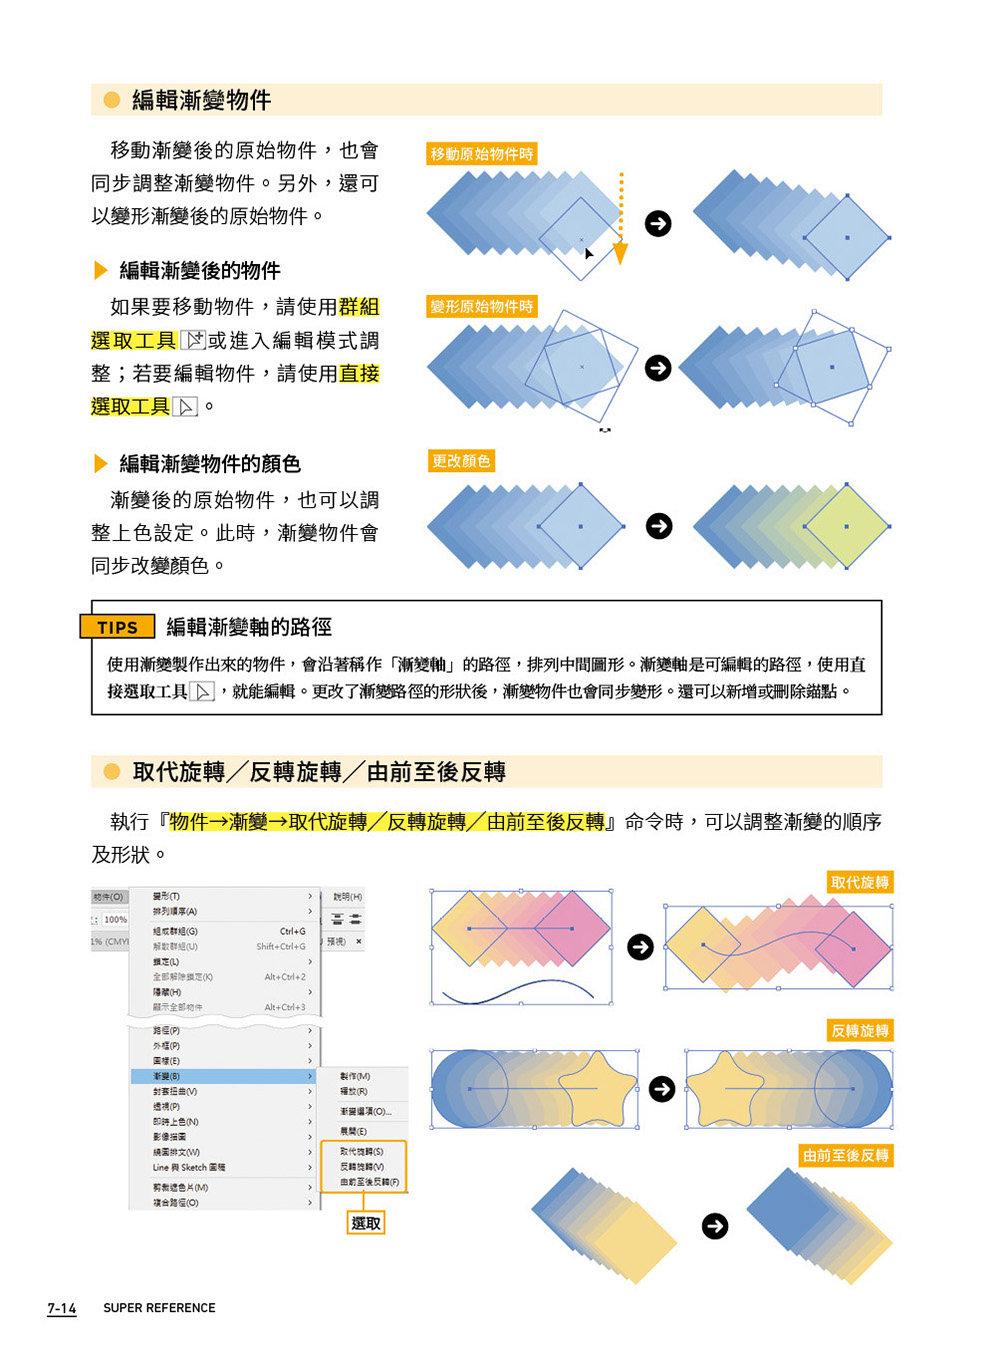 自學必備!Illustrator 超級參考手冊:零基礎也能看得懂、學得會-preview-9